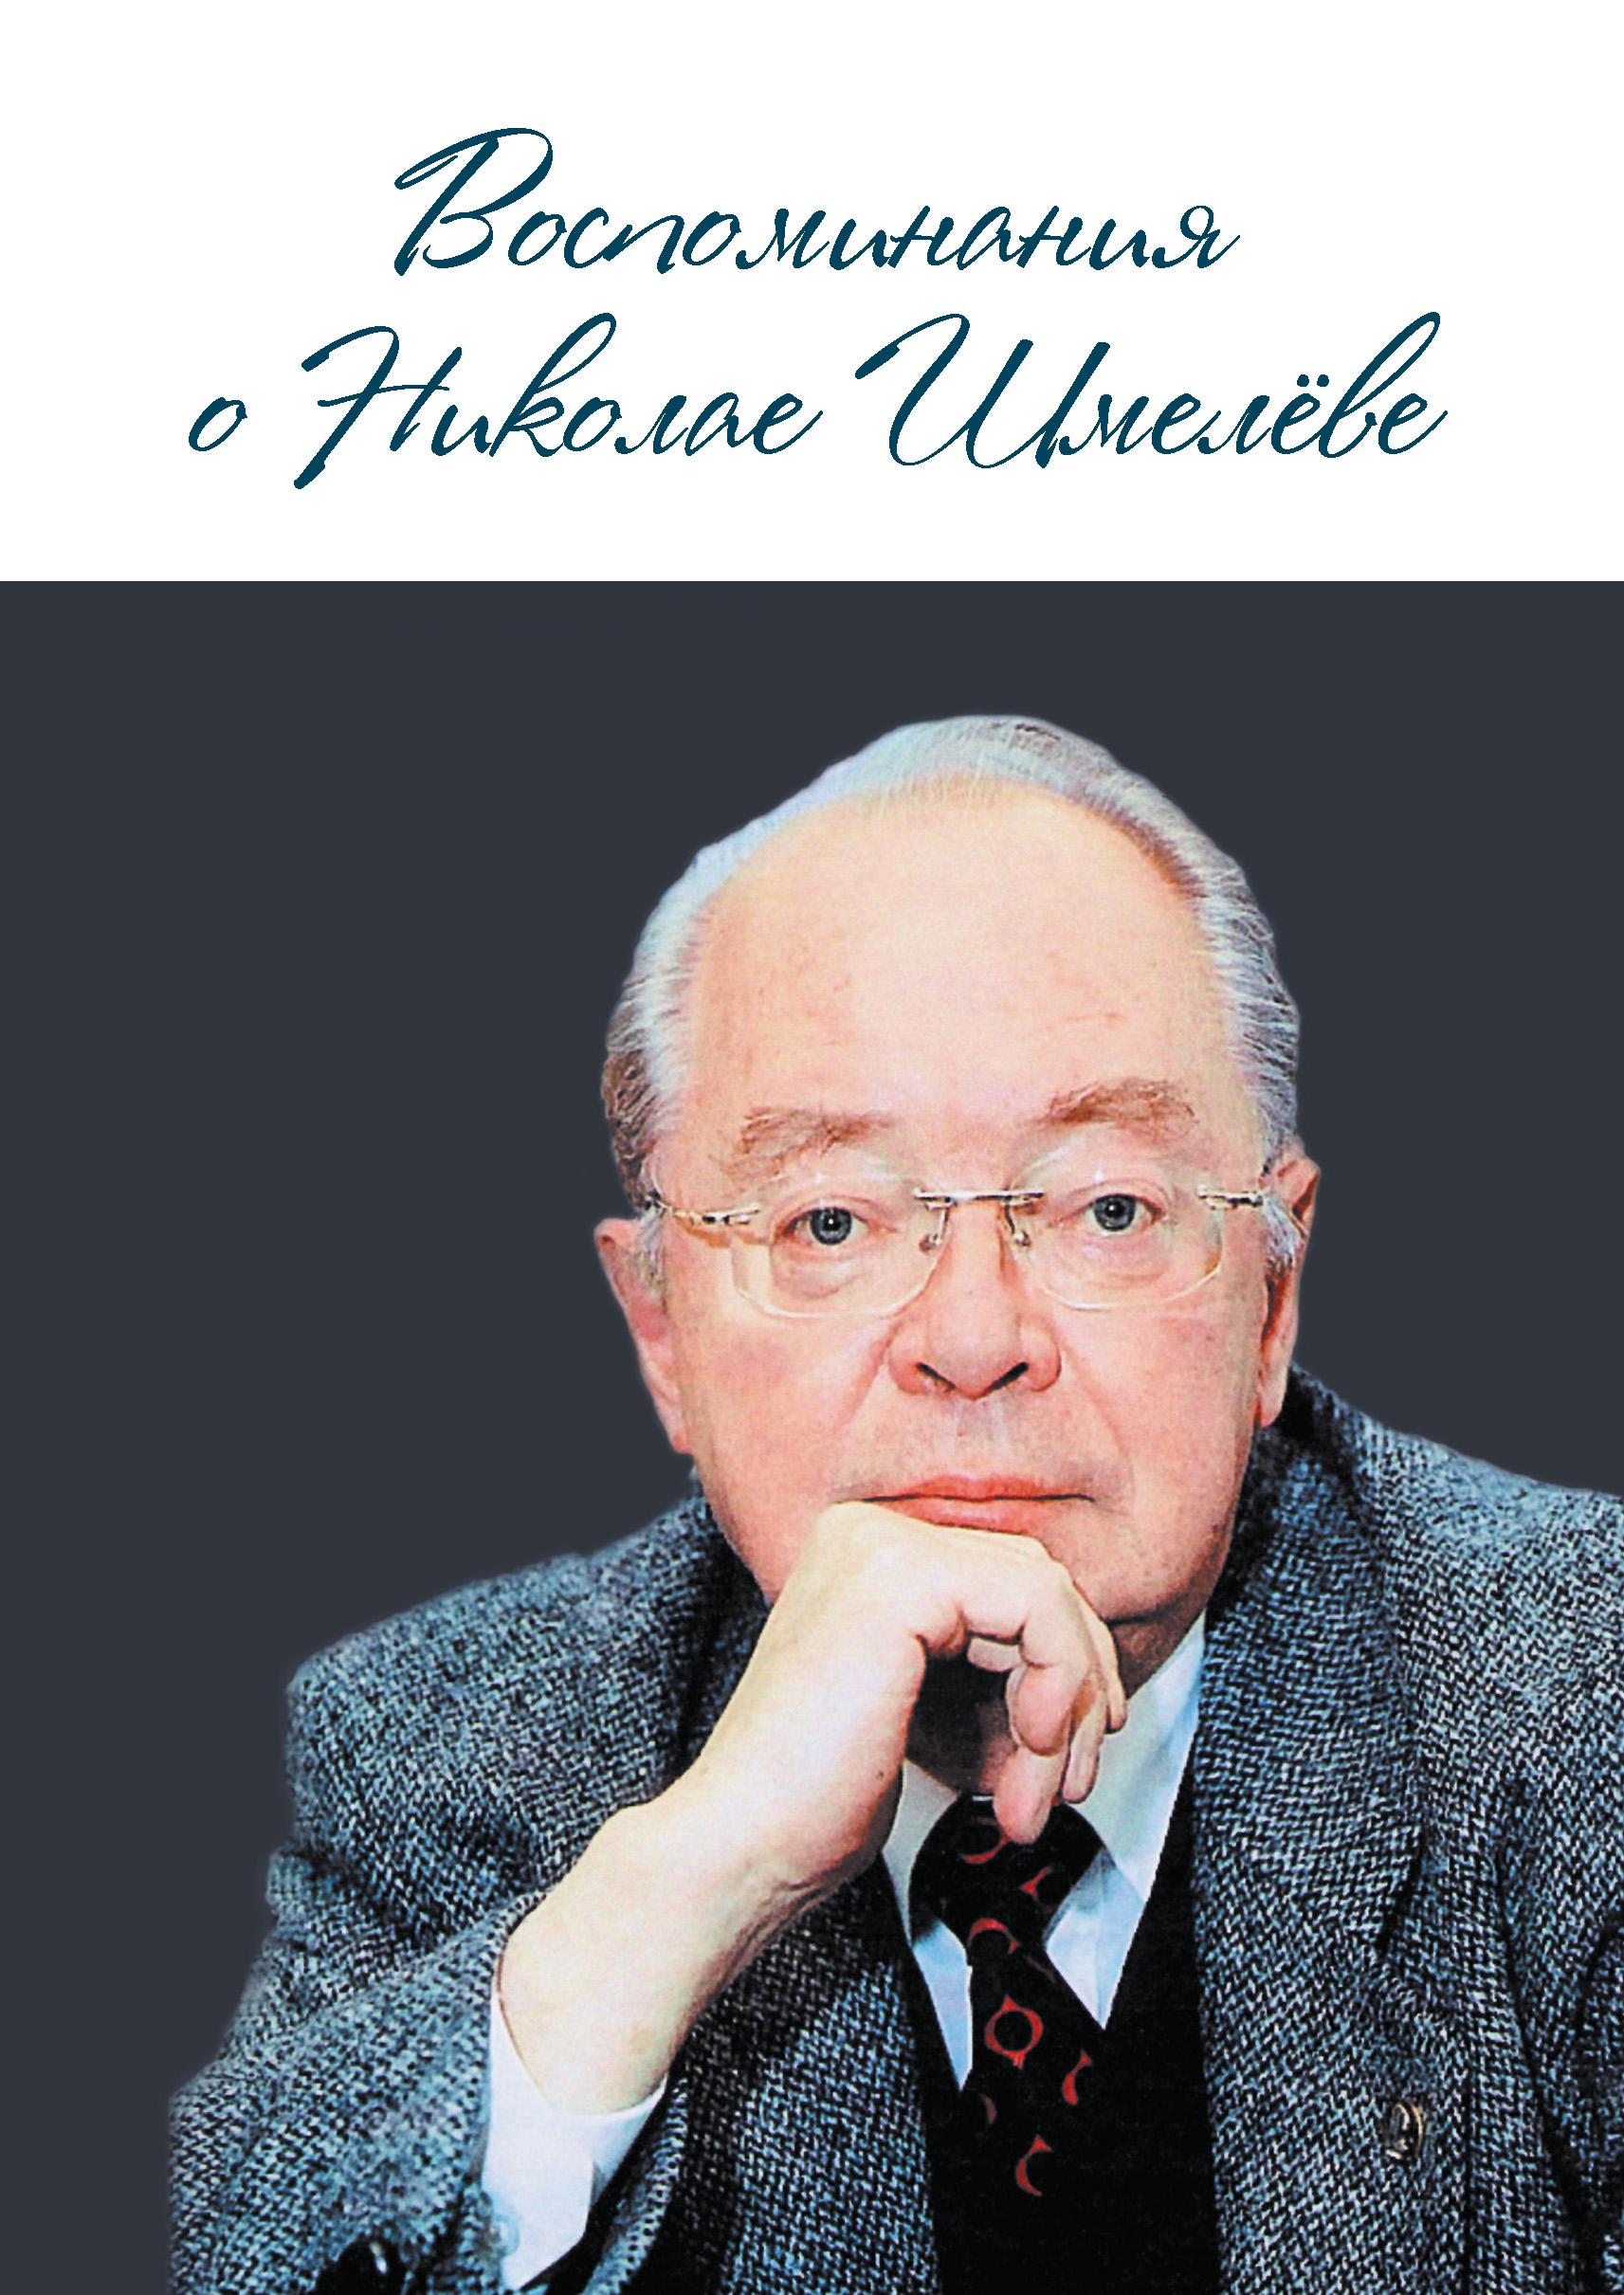 Коллектив авторов «Воспоминания о Николае Шмелеве»